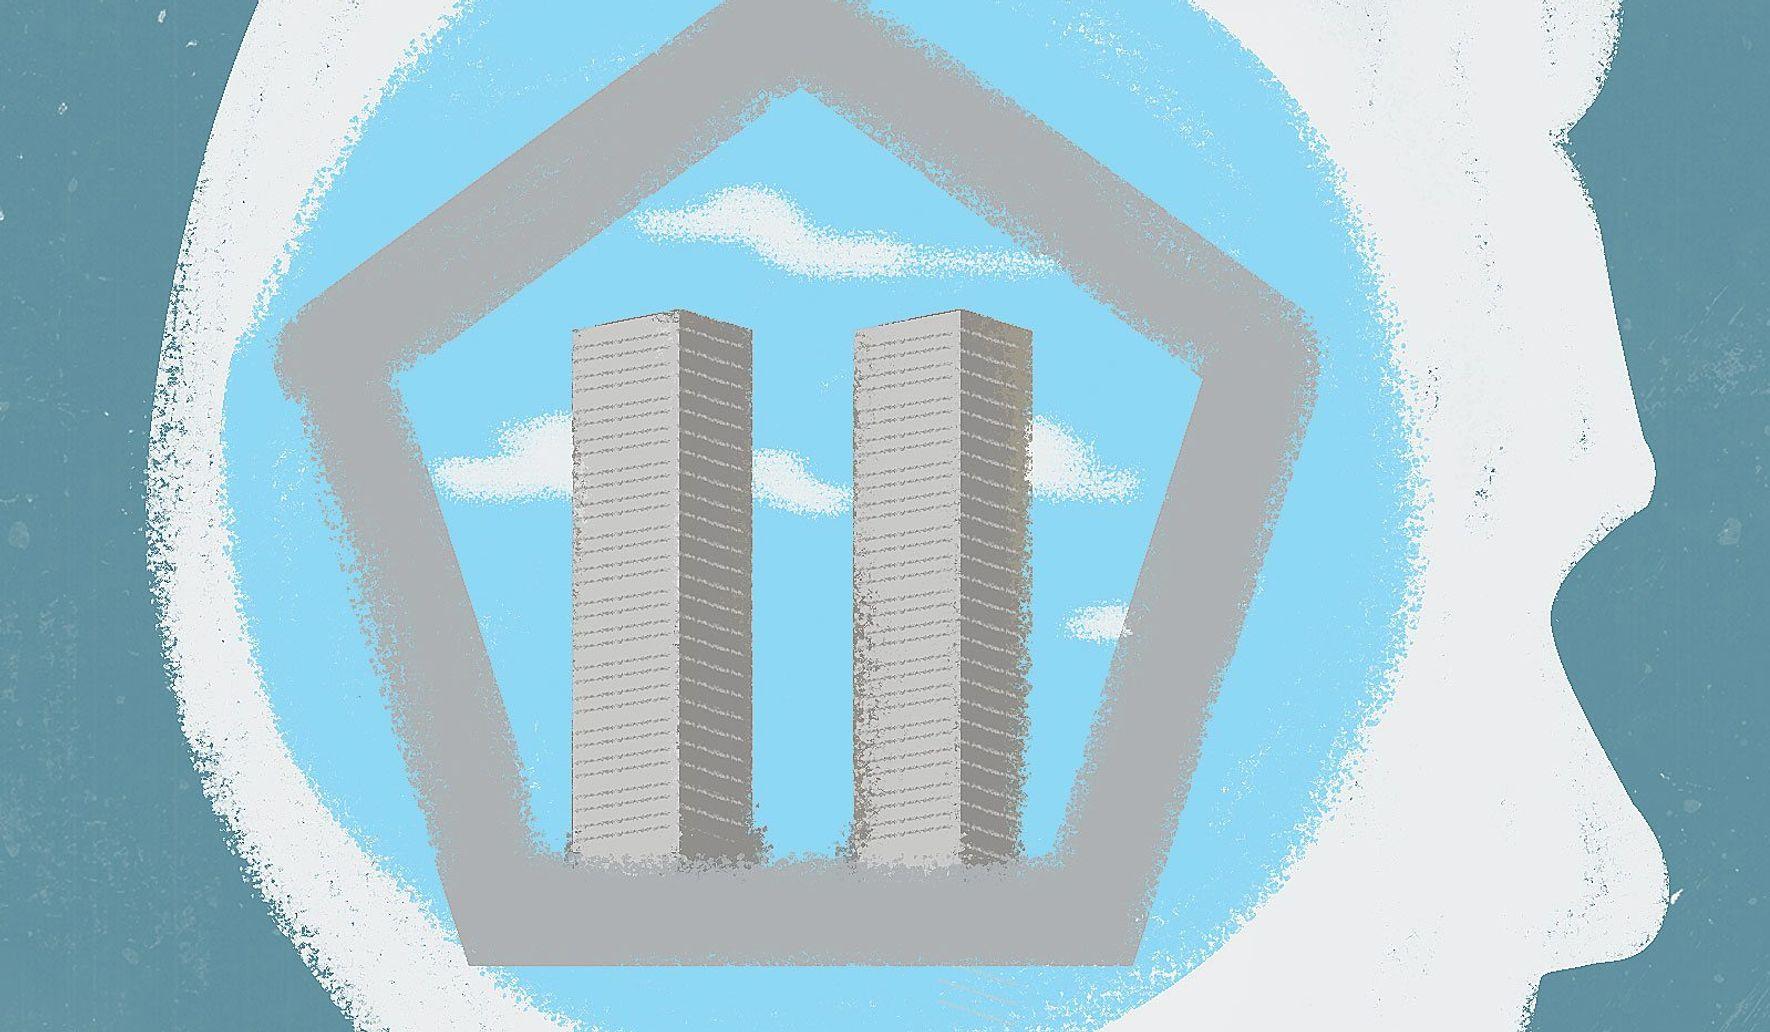 How the memories of September 11 bolster resolve